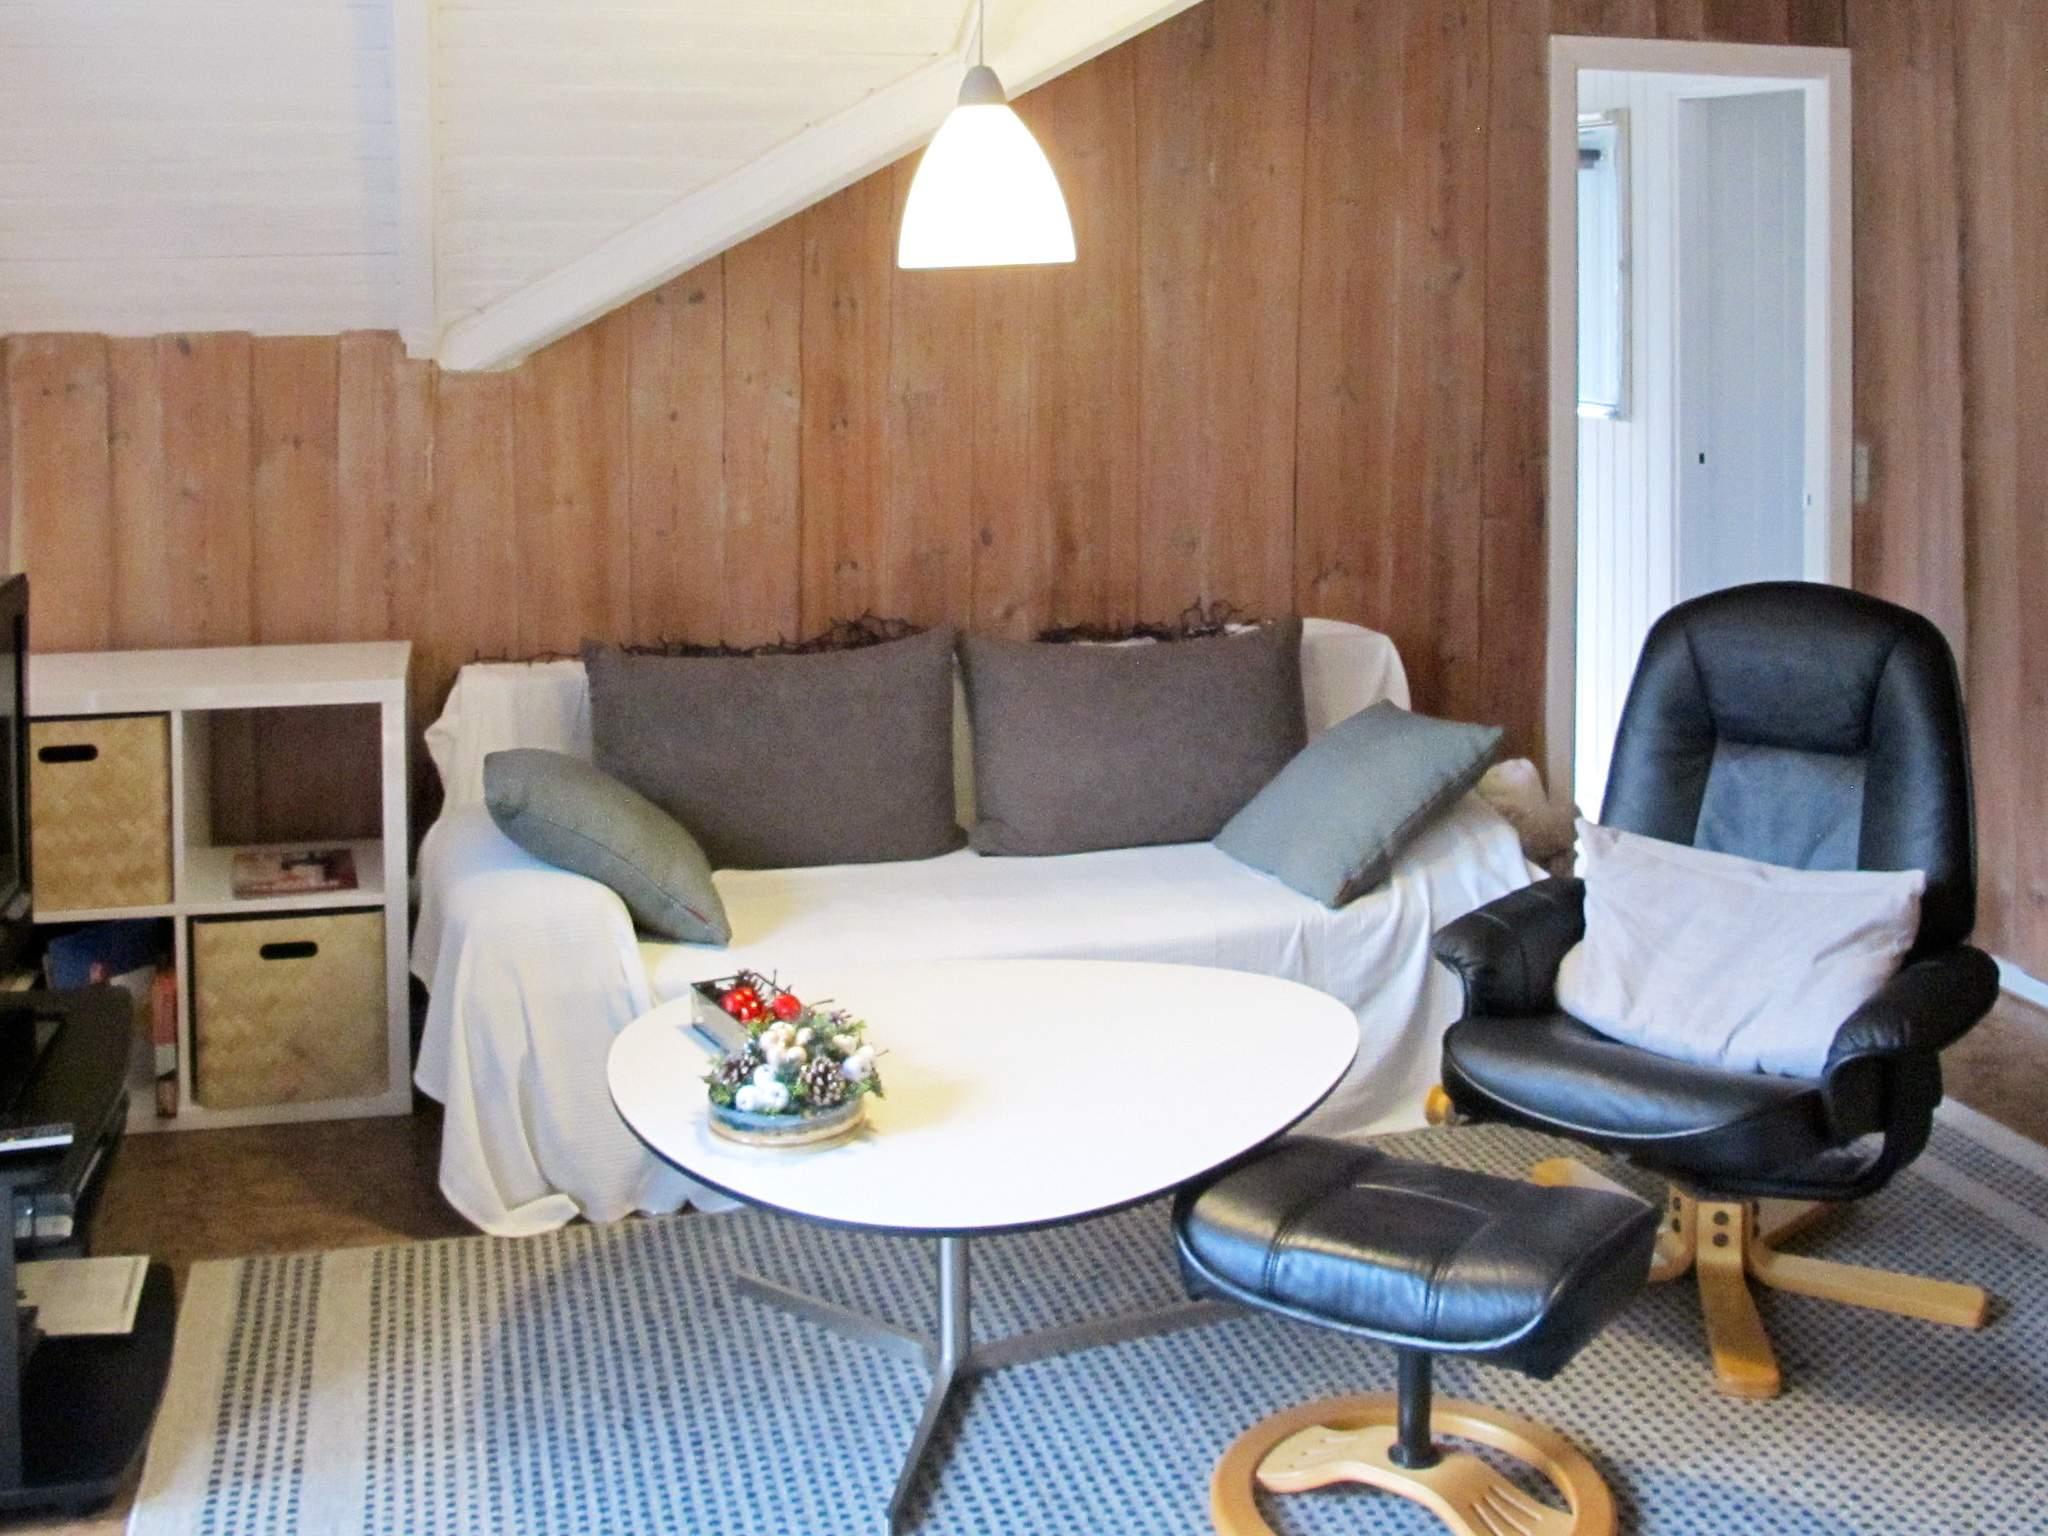 Ferienhaus Ulvshale Skov (93571), Stege, , Møn, Dänemark, Bild 7